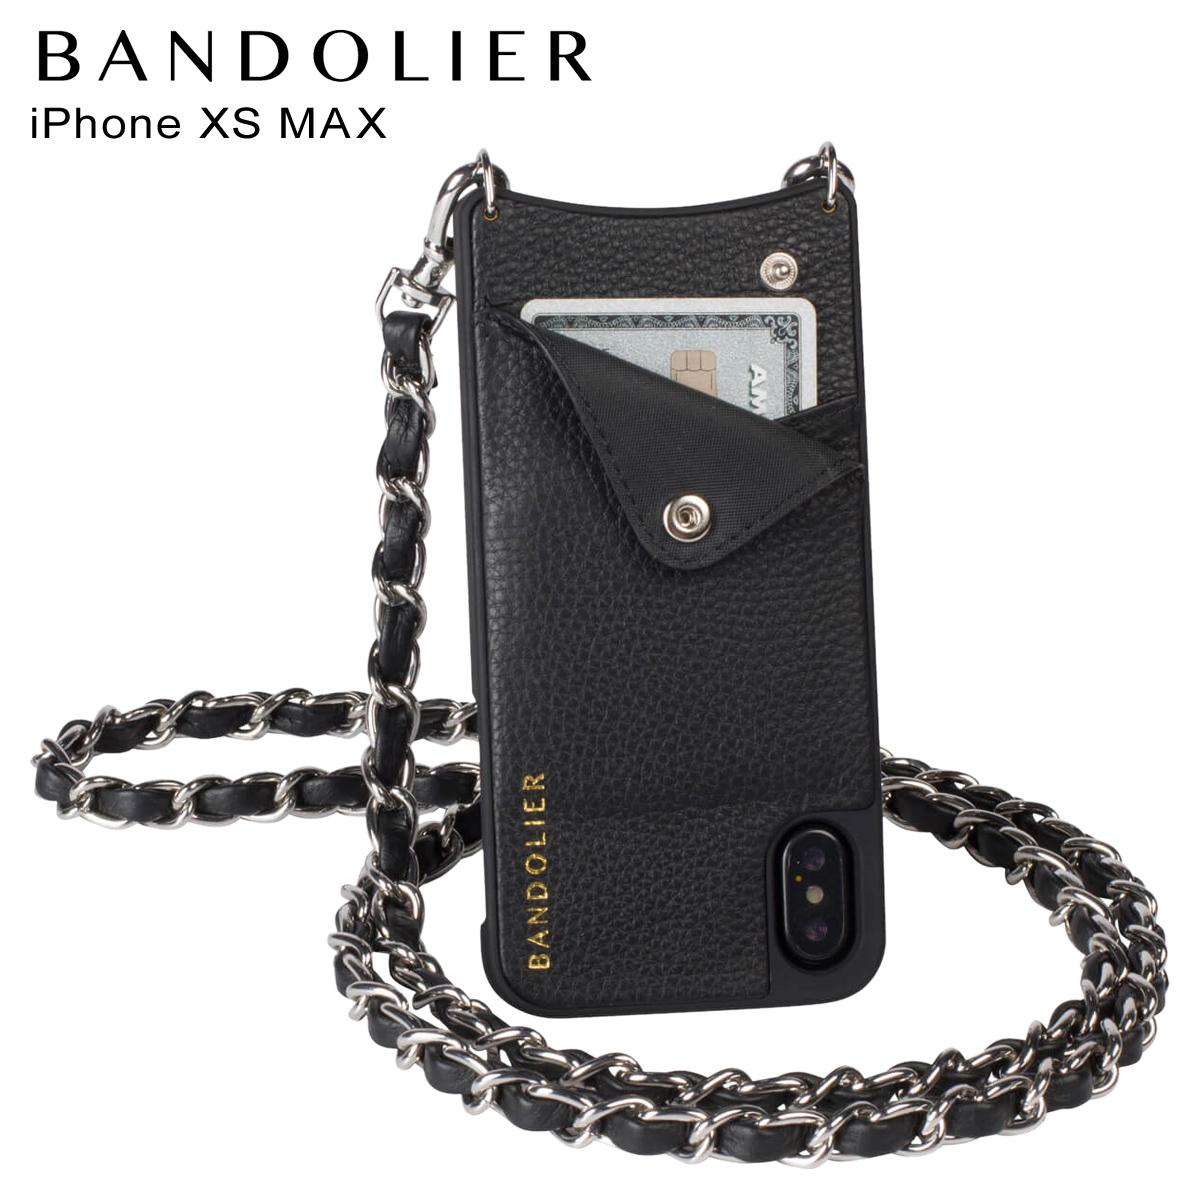 BANDOLIER iPhone XS MAX LUCY PEWTER バンドリヤー ケース ショルダー スマホ アイフォン レザー メンズ レディース ブラック 10LCY1001